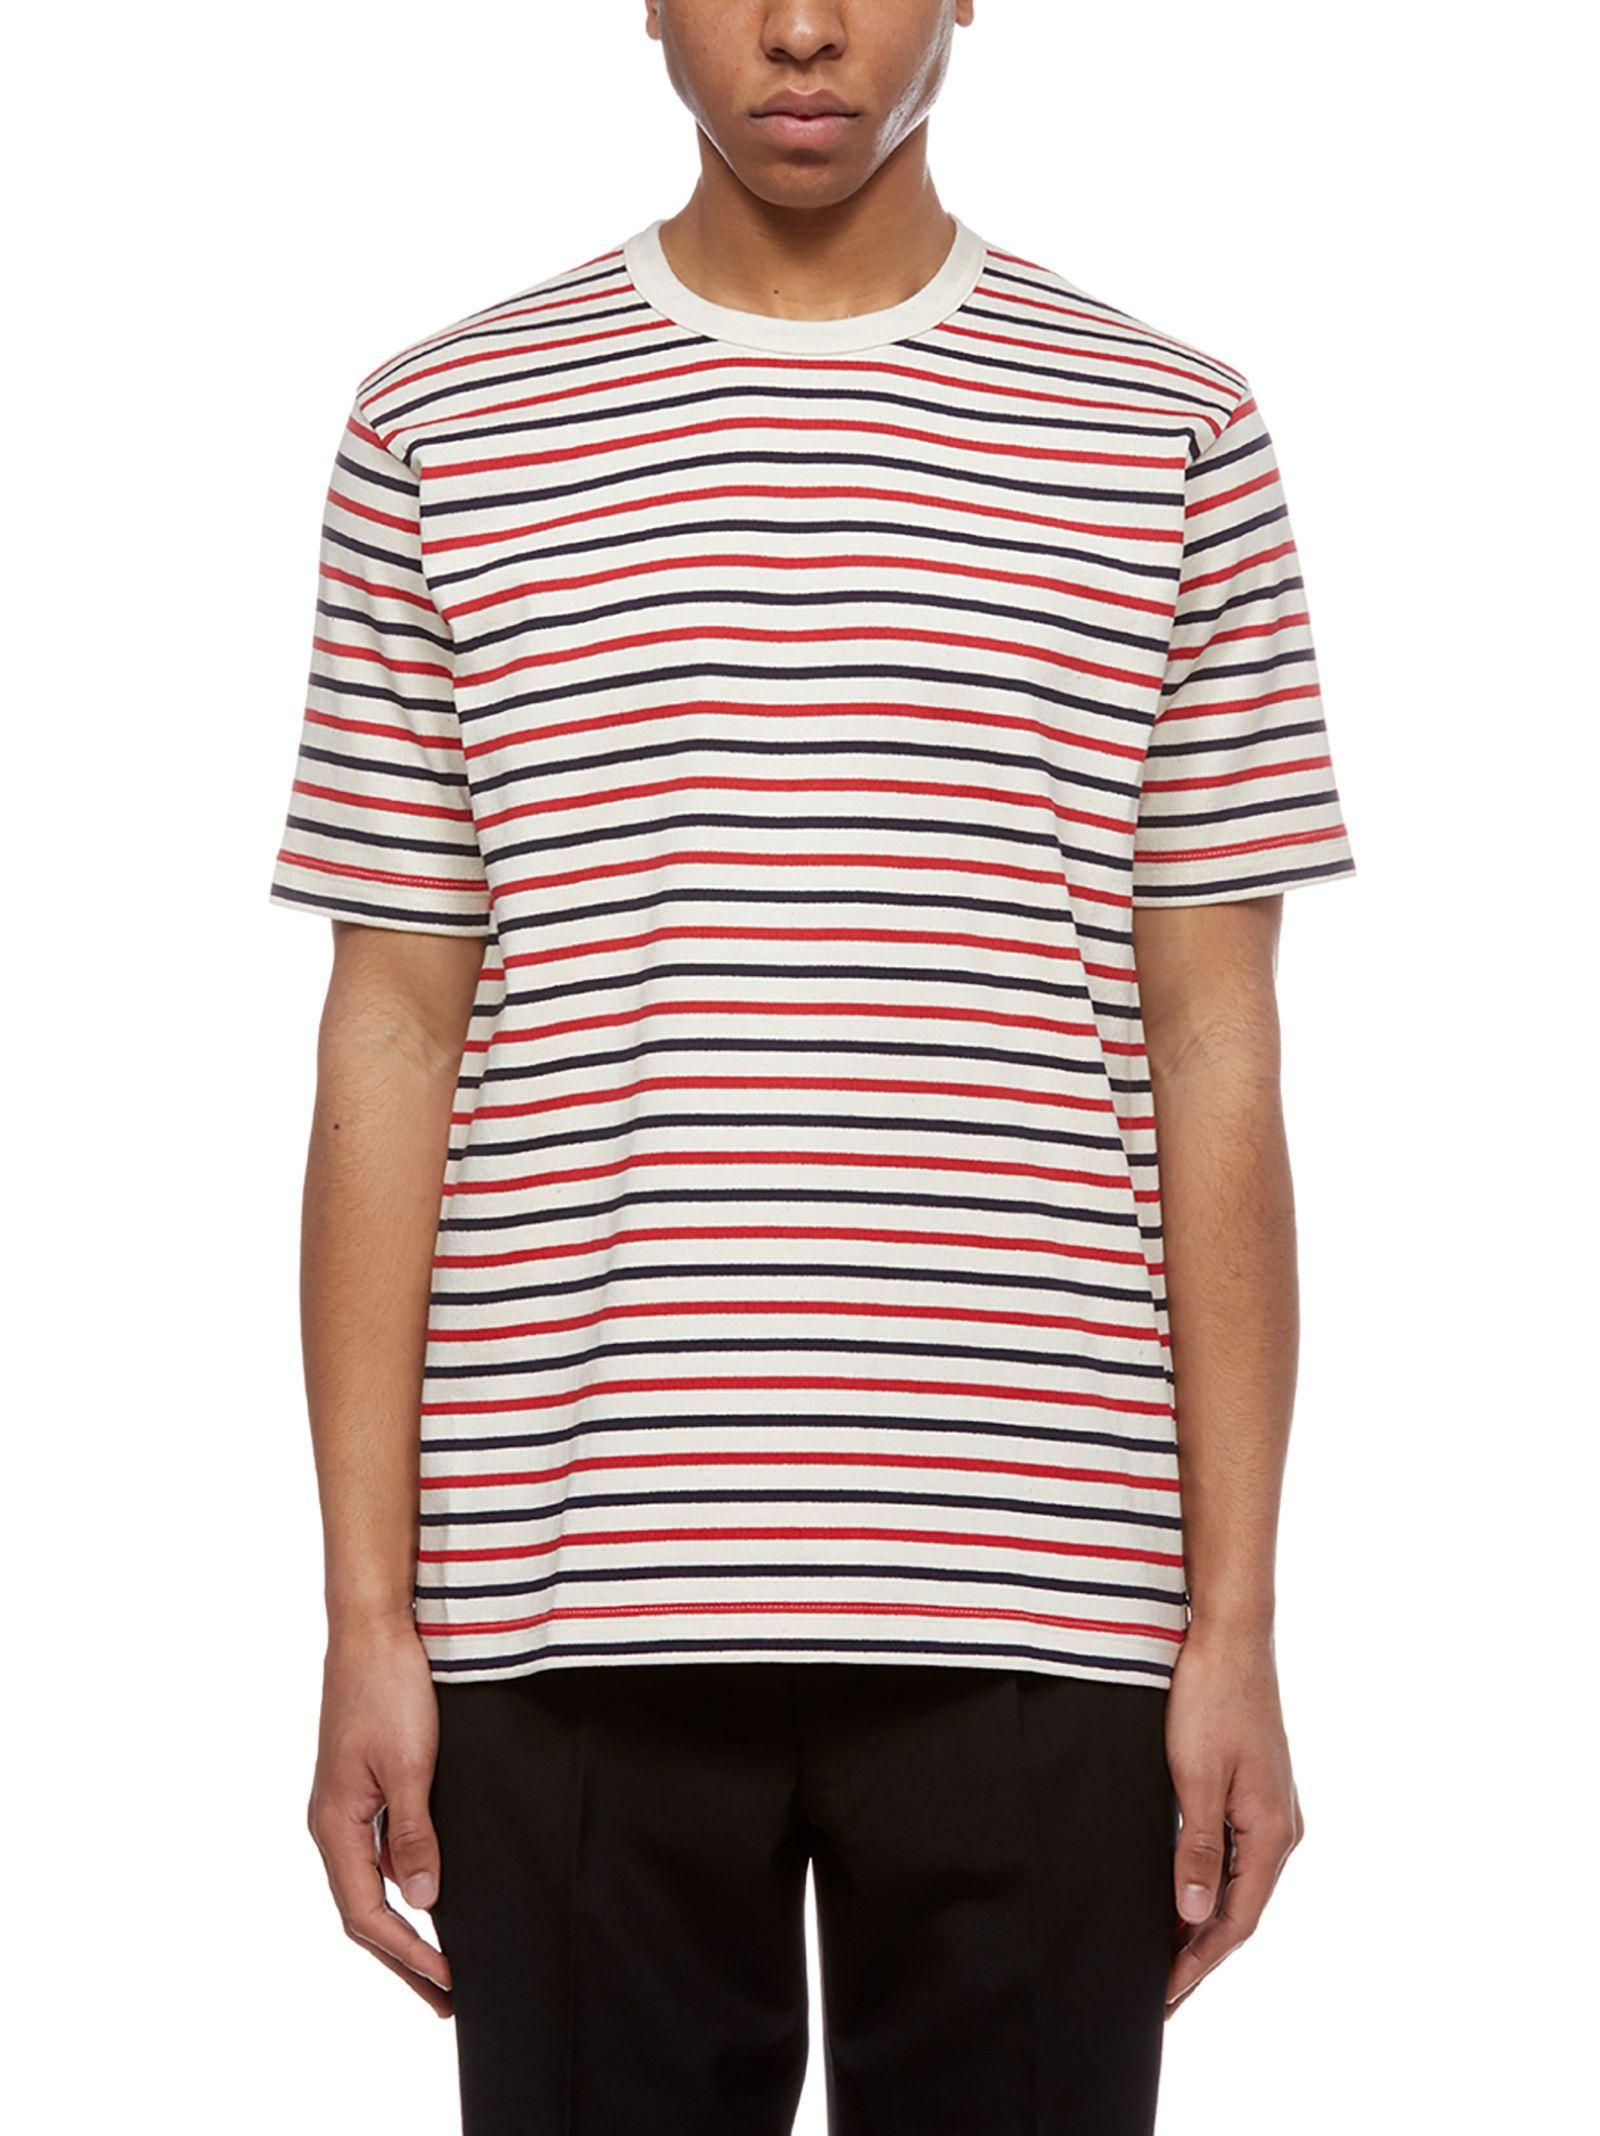 Junya Watanabe Comme Des Garçons Striped T-shirt